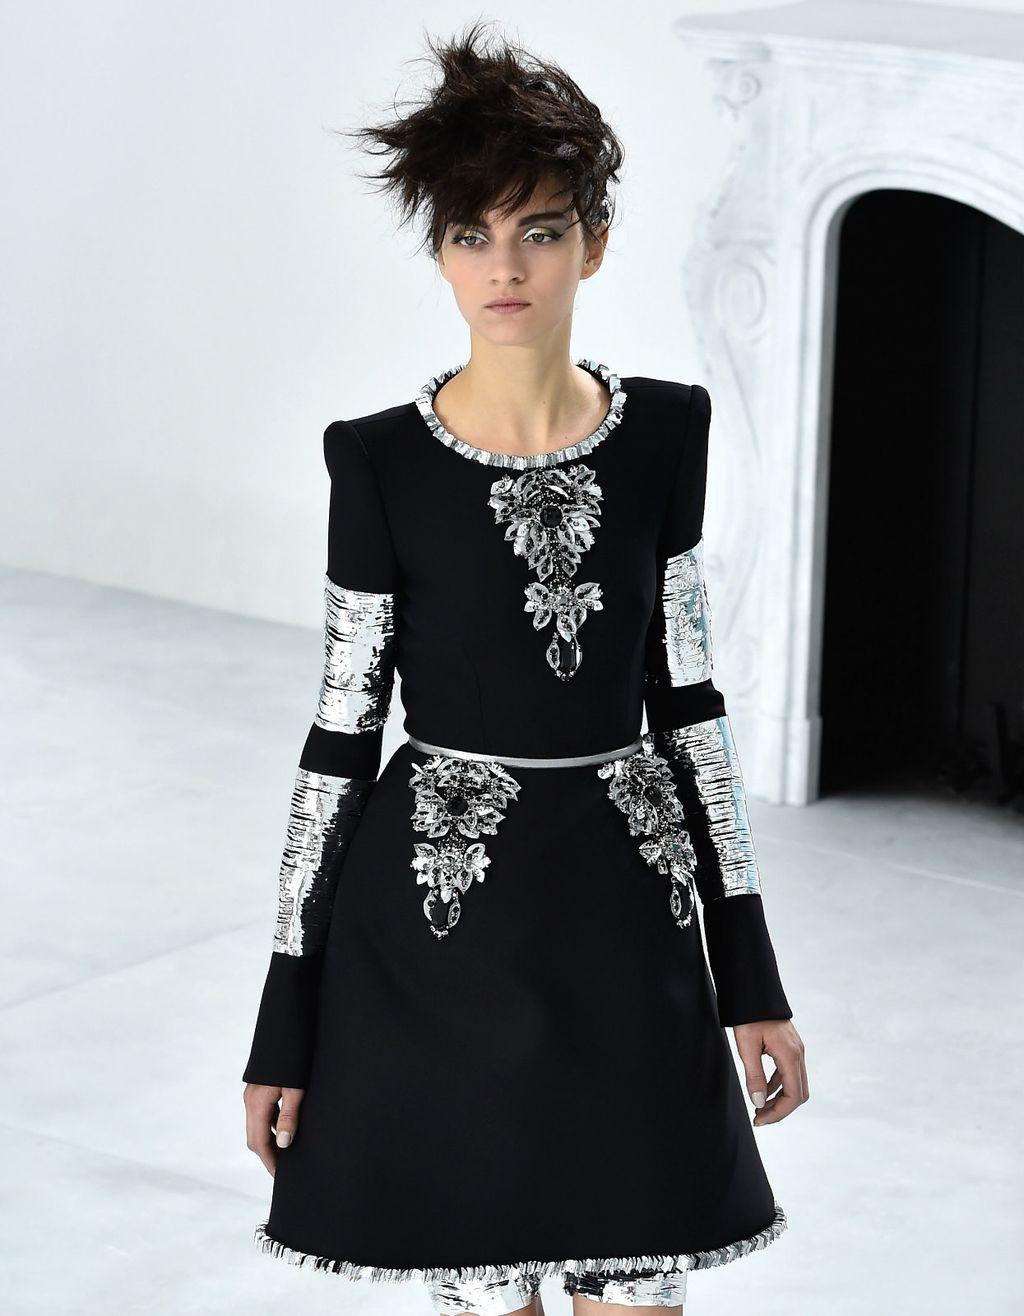 Male crne haljine Karla Lagerfelda za modnu kuću Chanel - 3